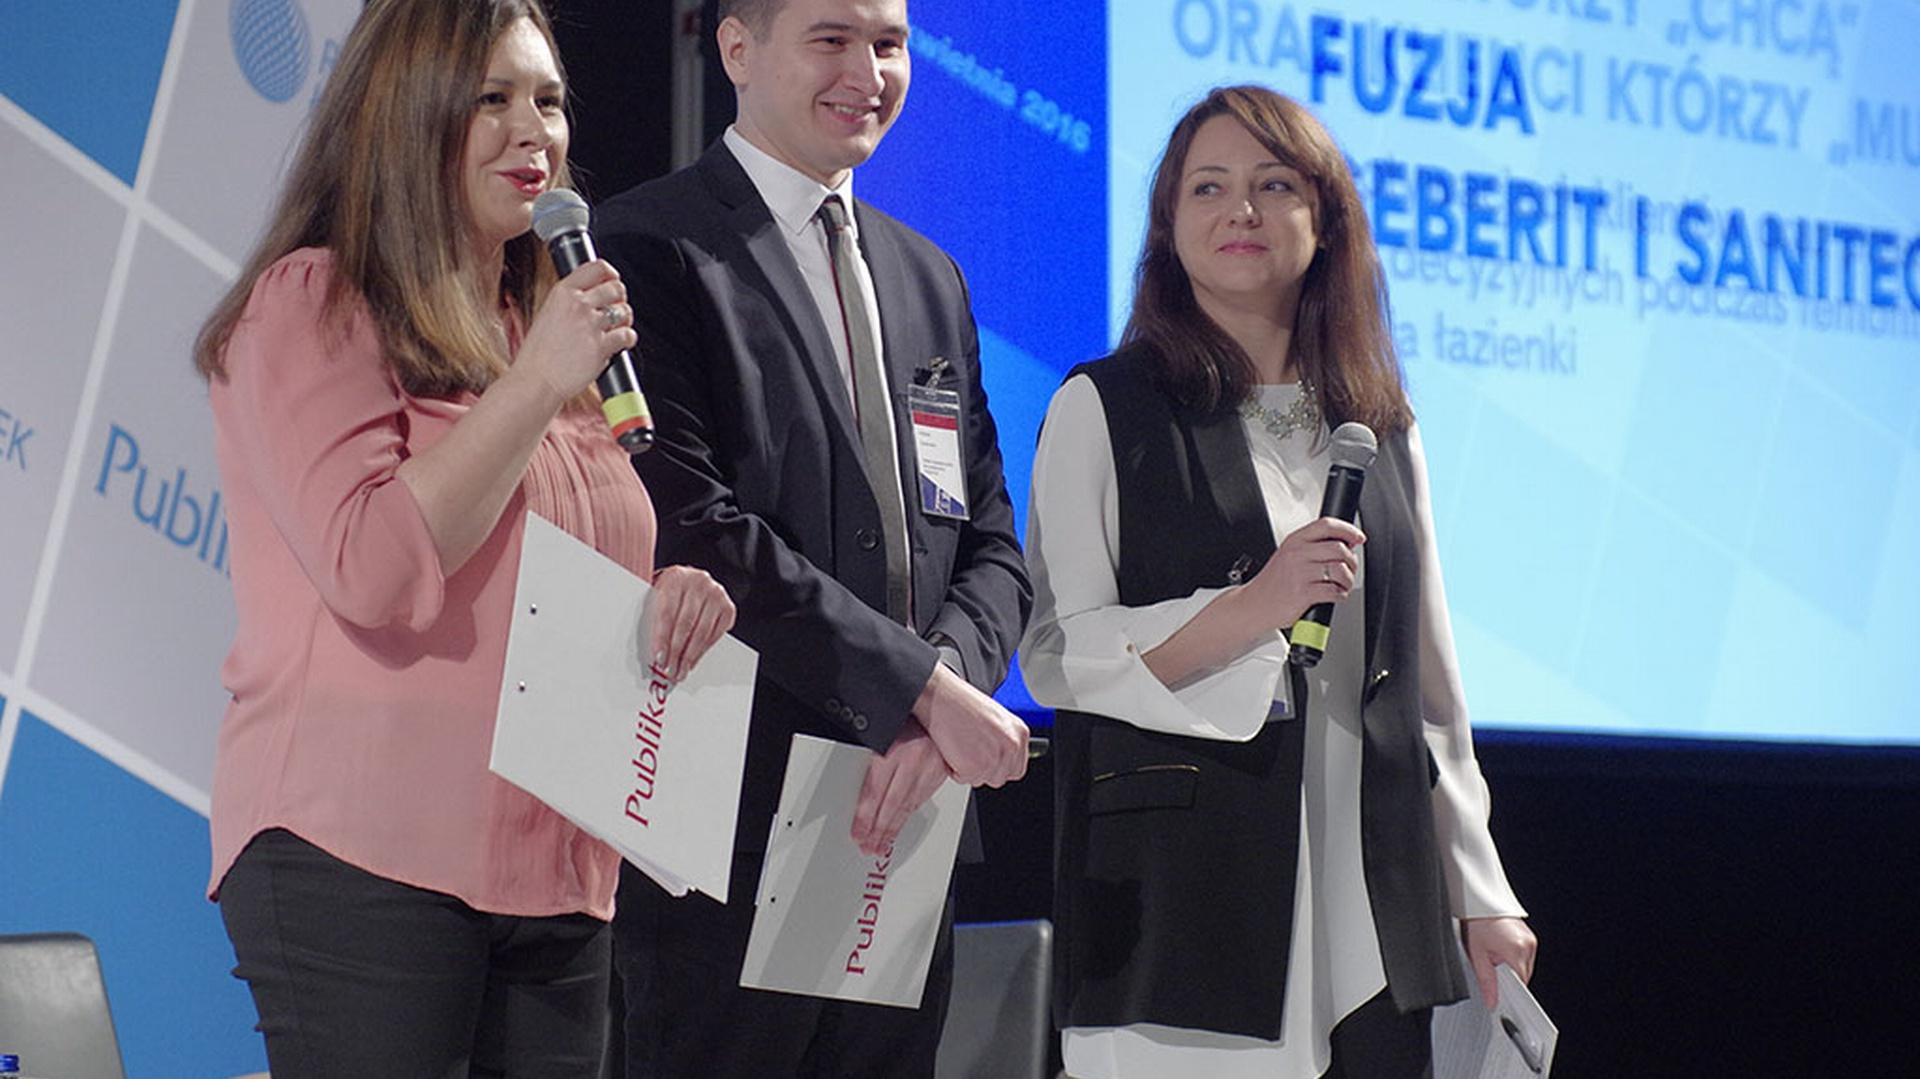 Marta Borowska, Arkadiusz Kaczanowski oraz Anna Raducha-Romanowicz witają gości Forum Branży Łazienkowej. Fot. Publikator